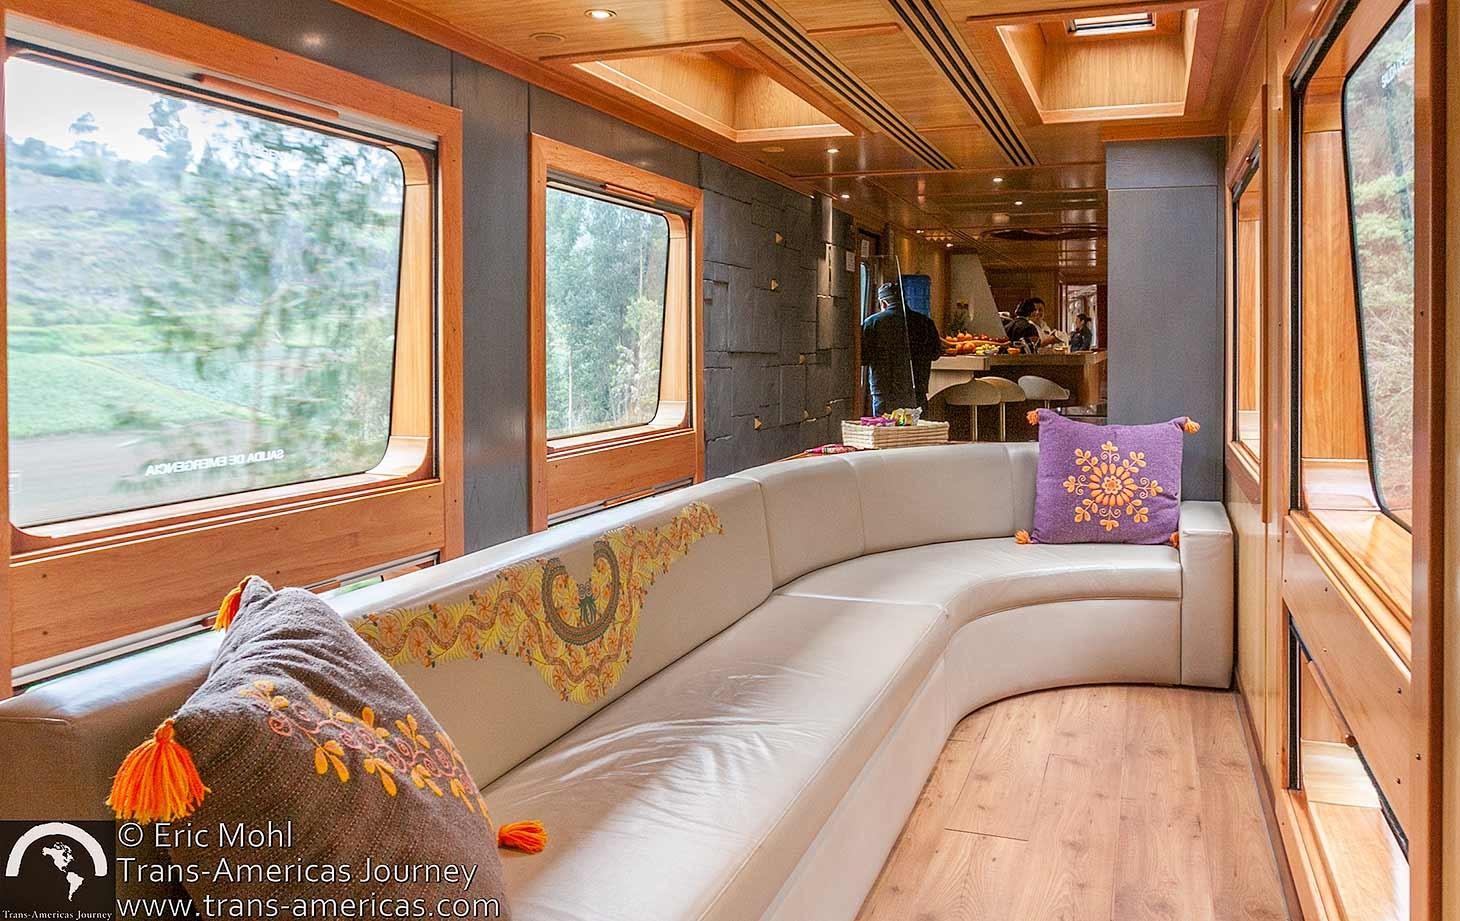 ecuador-tren-crucero-lounge@2x